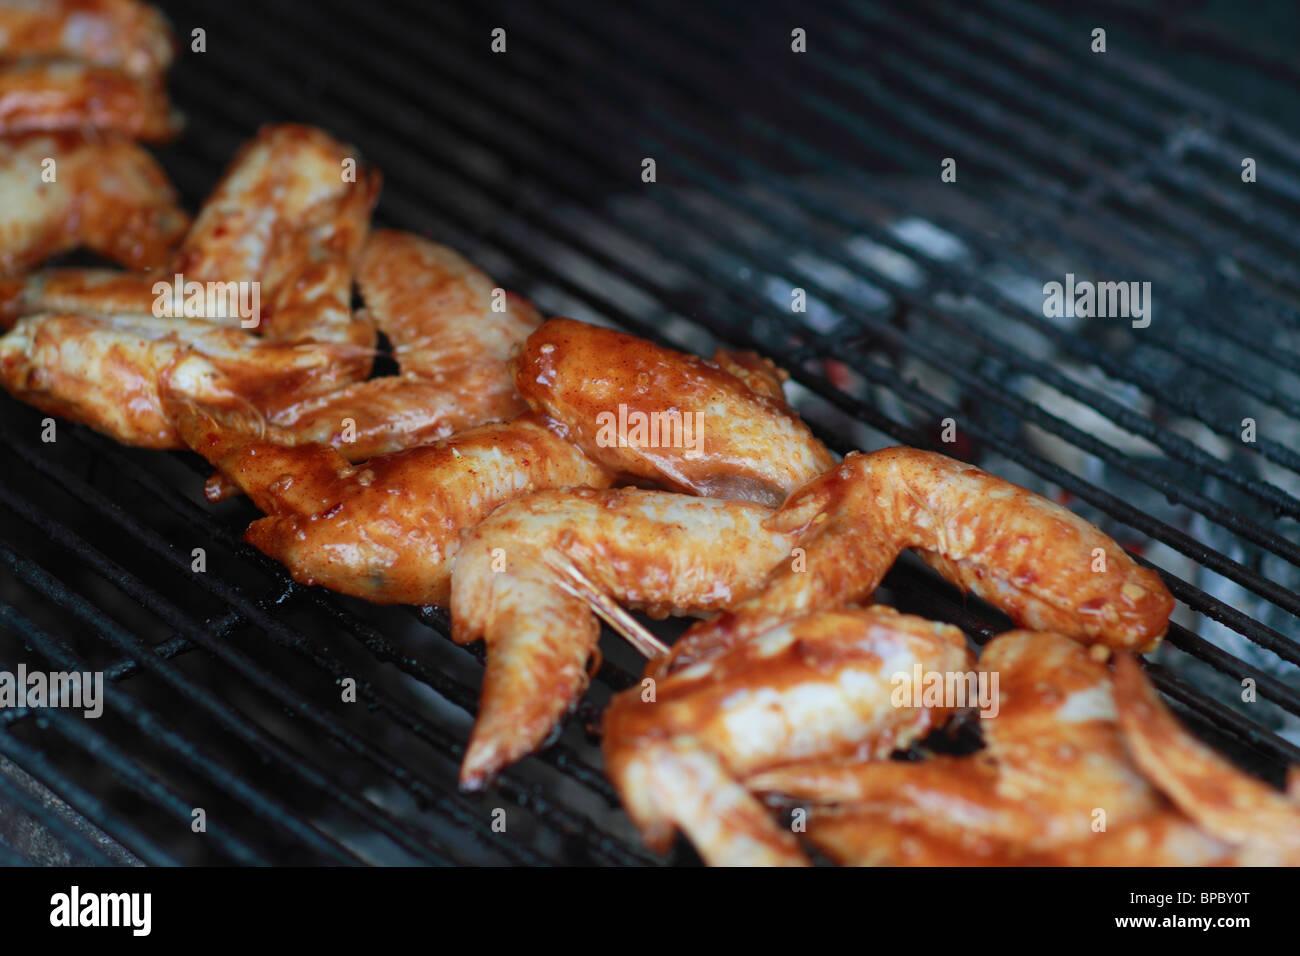 Bar B Que Chicken Stock Photos & Bar B Que Chicken Stock Images - Alamy